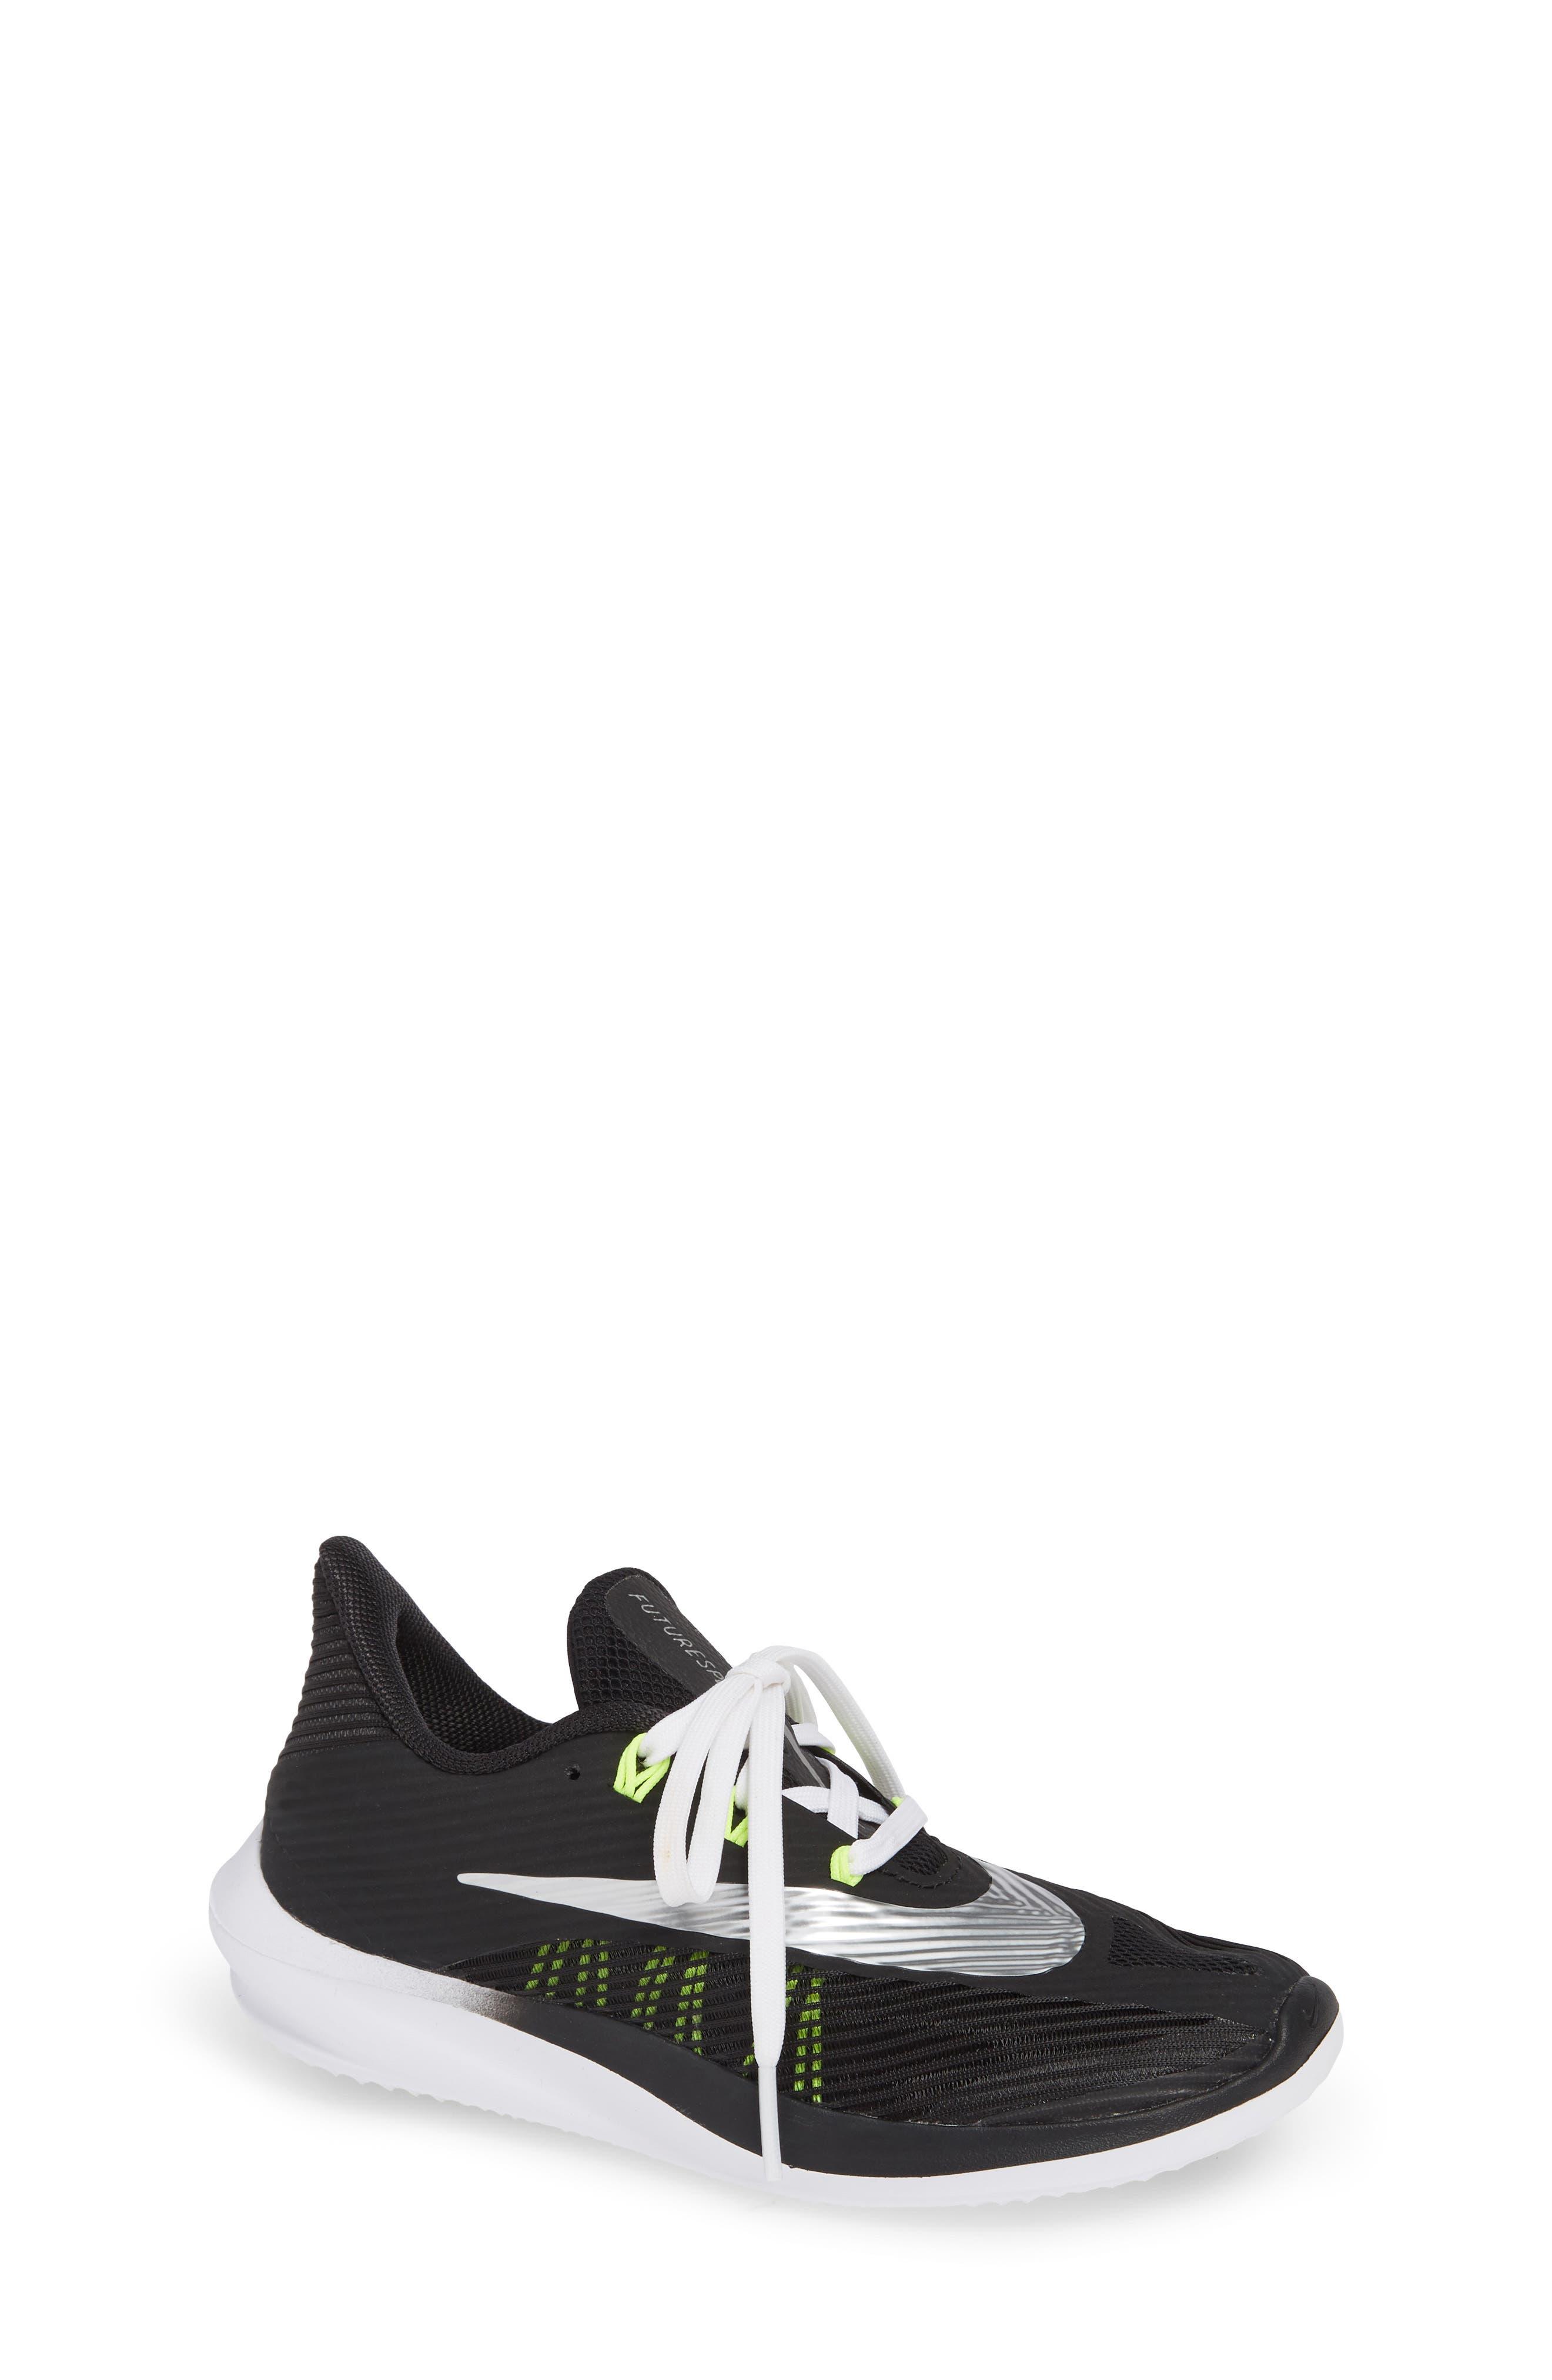 NIKE, Future Speed Running Shoe, Main thumbnail 1, color, BLACK/ CHROME-WHITE-VOLT